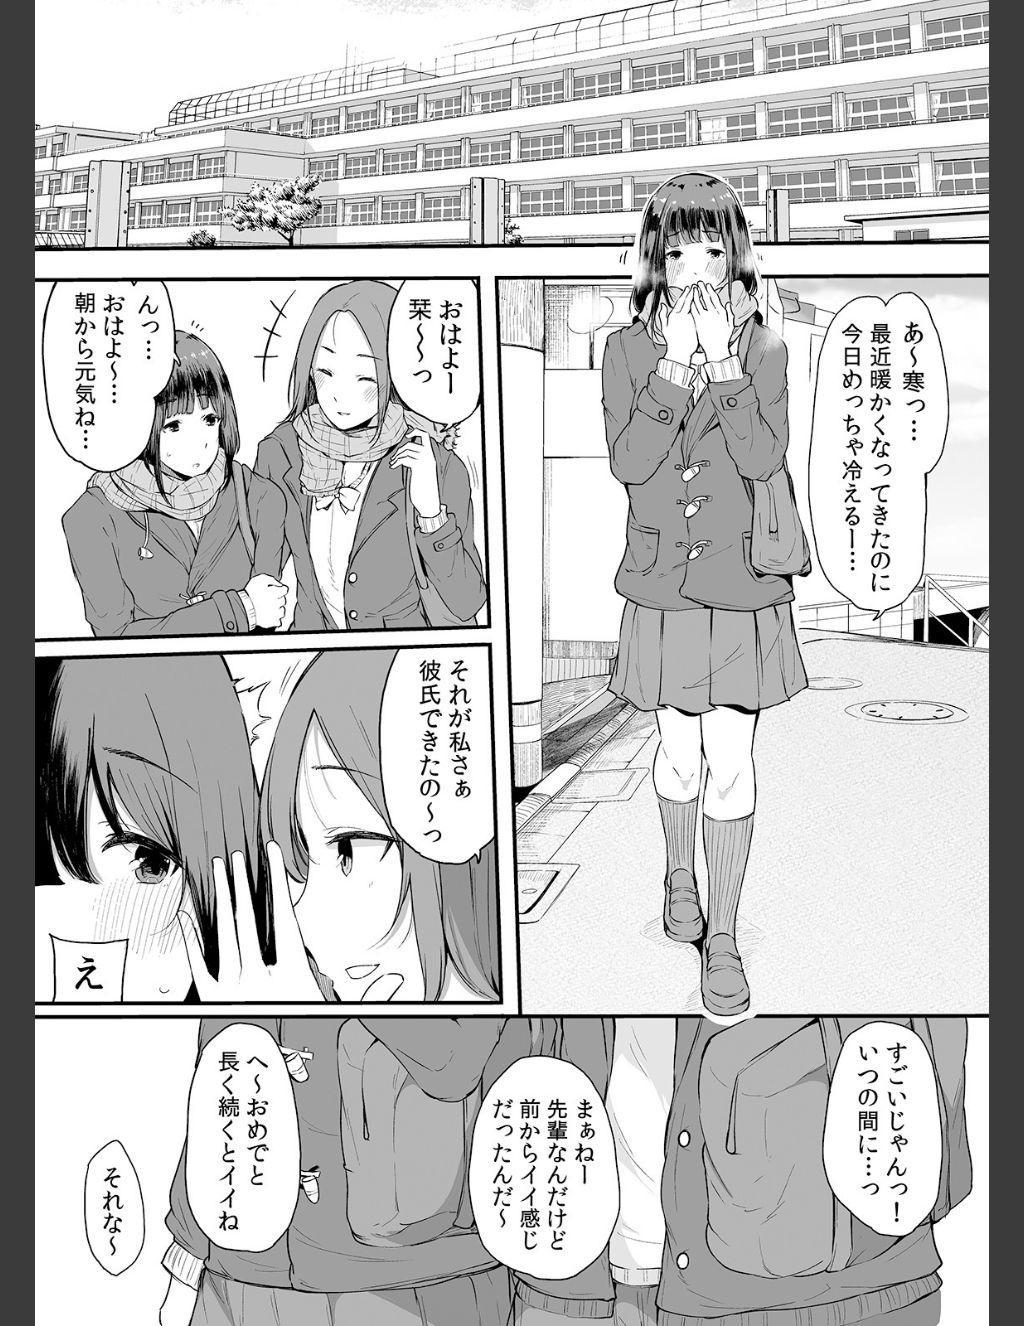 Otouto ni Ero Manga to Onaji Koto o Sare Chau o Nee-chan no Hanashi 2 54